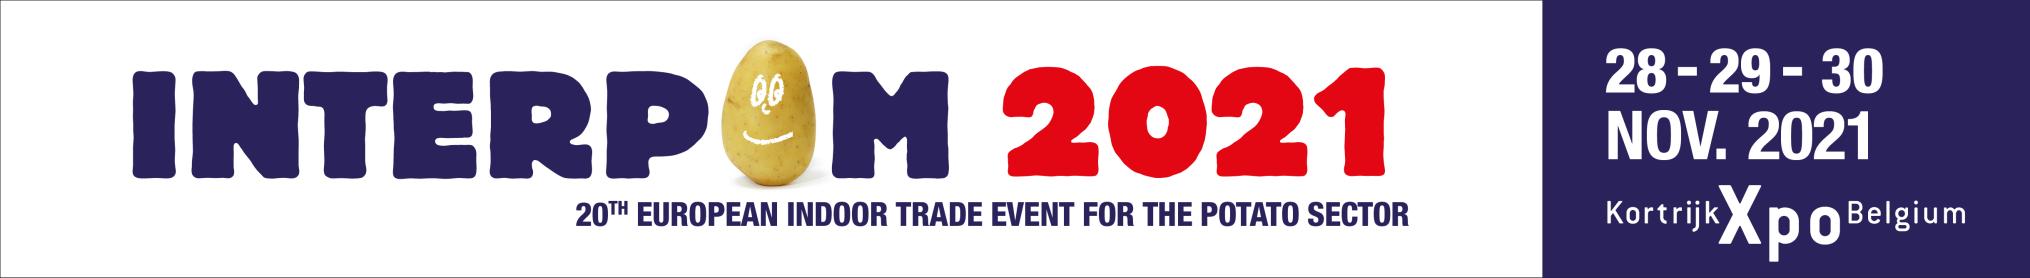 banner-interpom-2021-1_27-8-2020_17_55_07